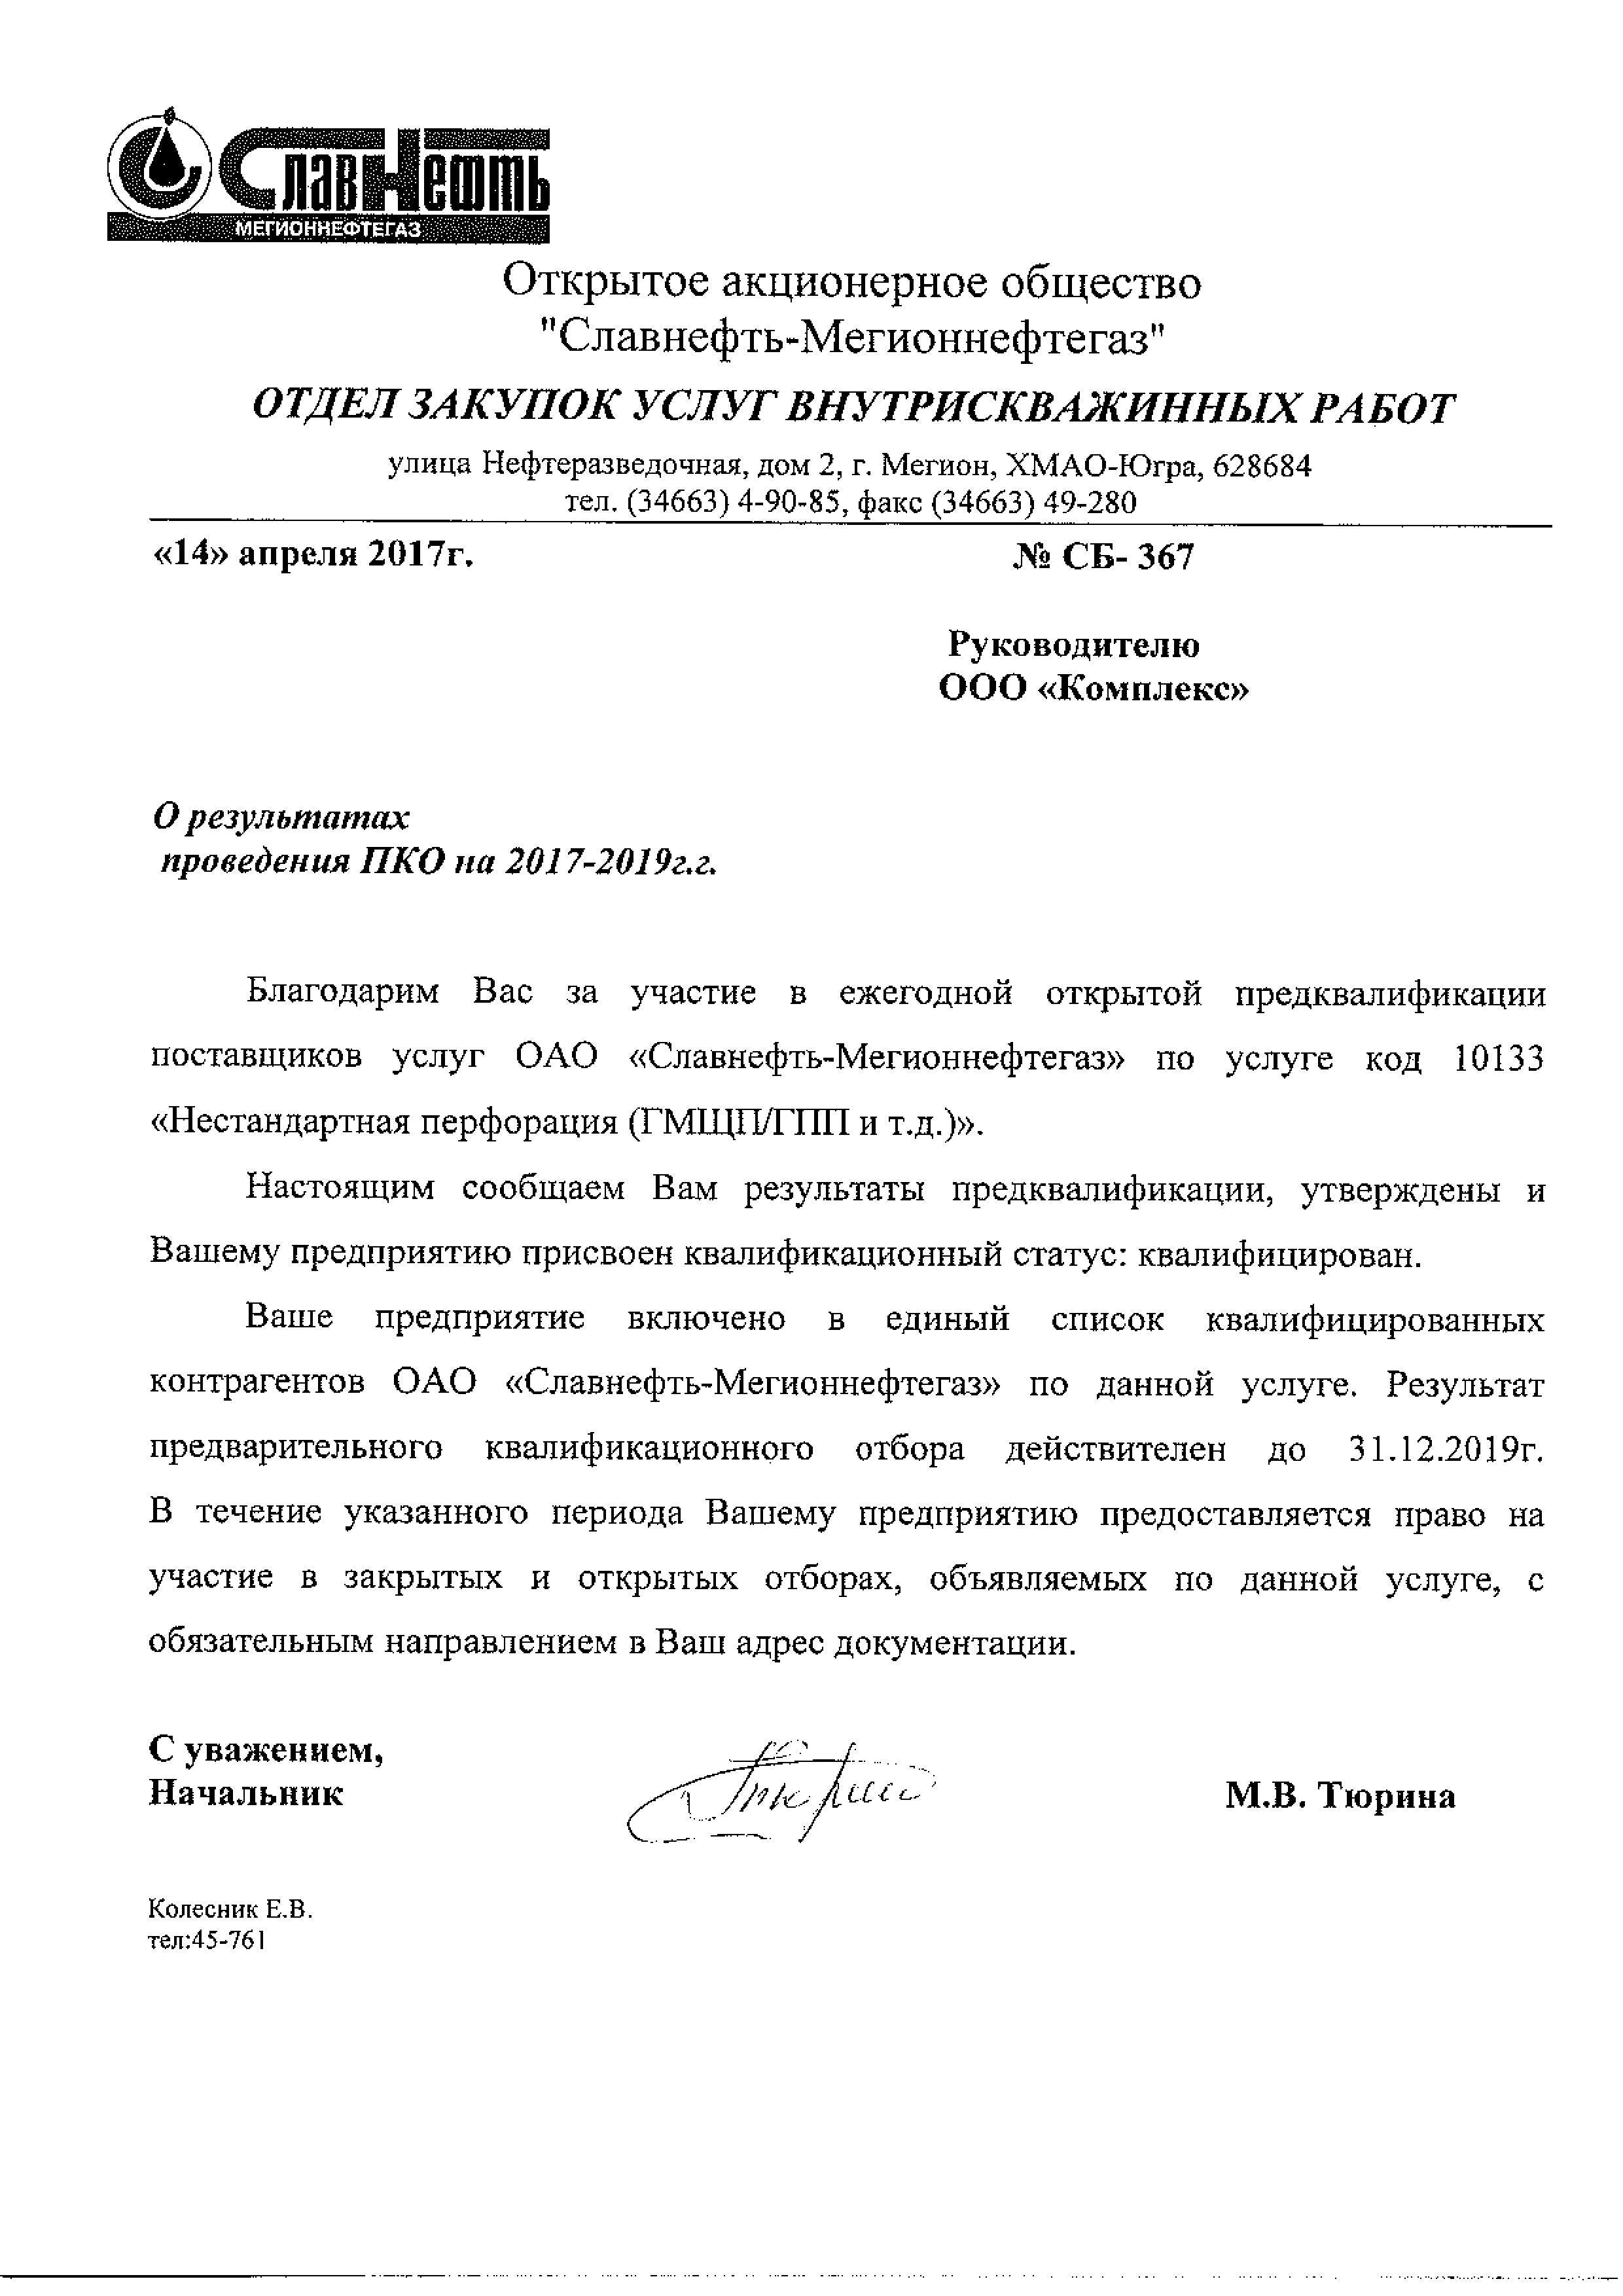 Квалификация Славнефть